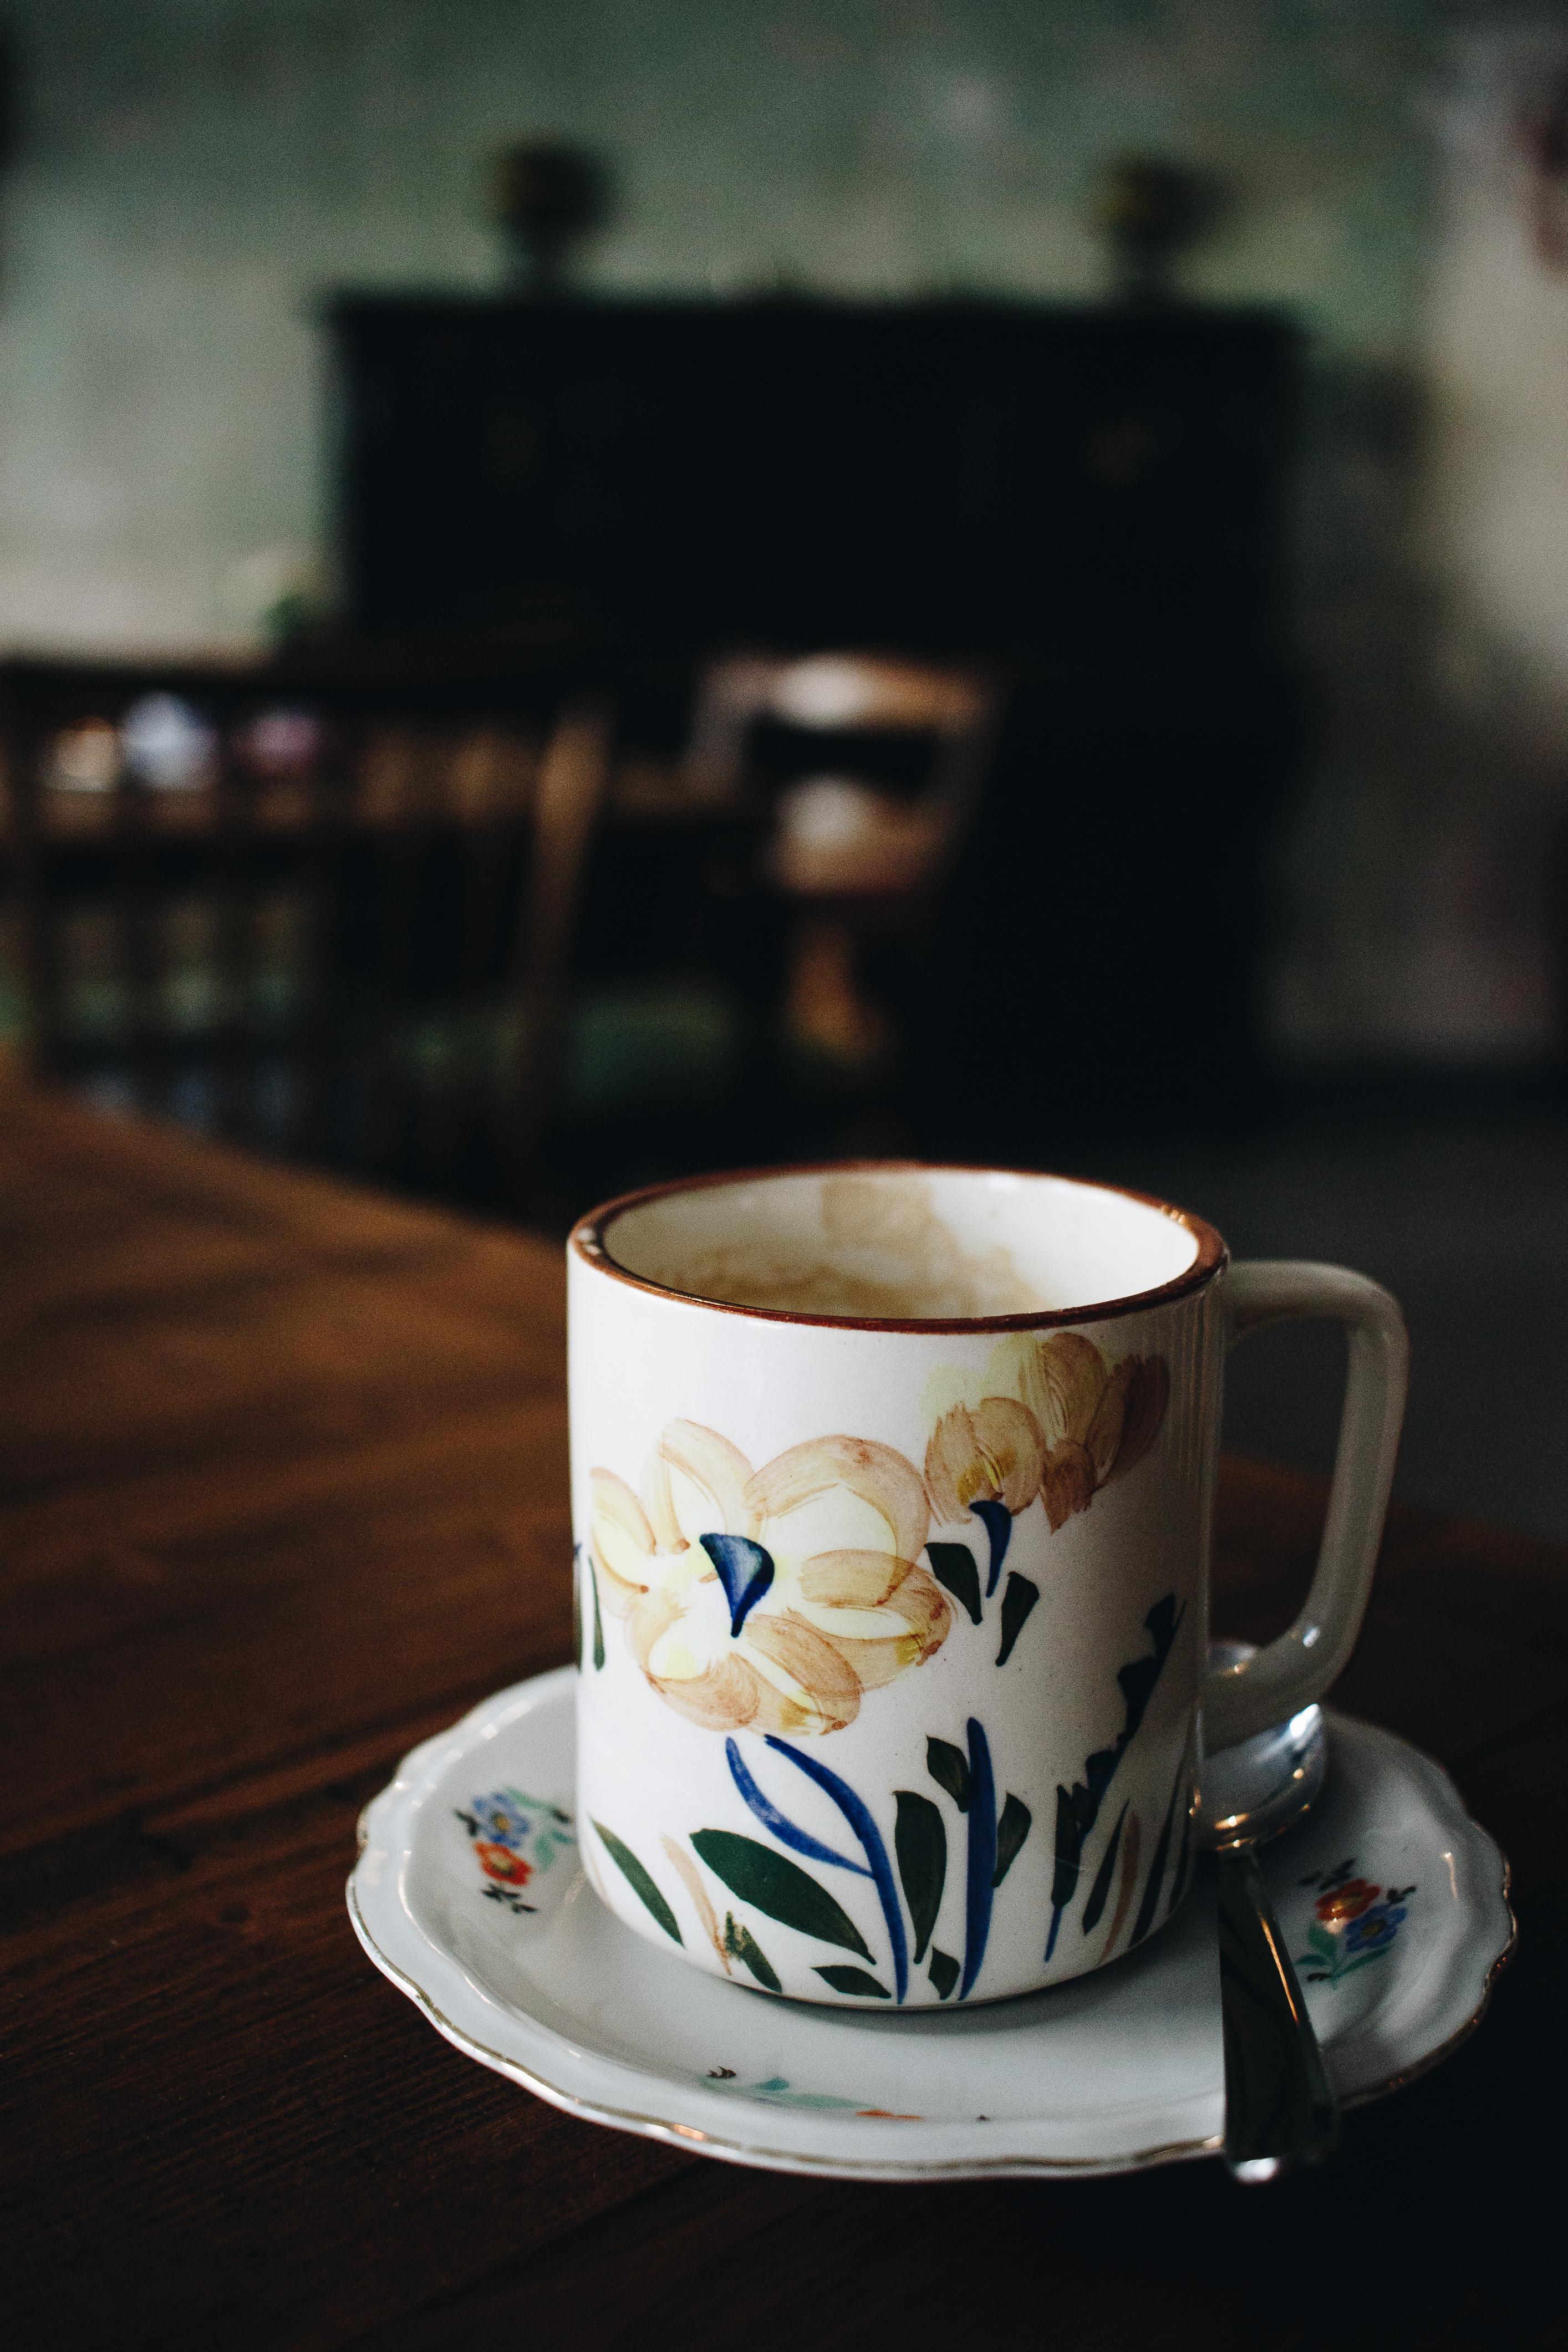 café bubu-reudnitz-annabelle sagt-leipzig6